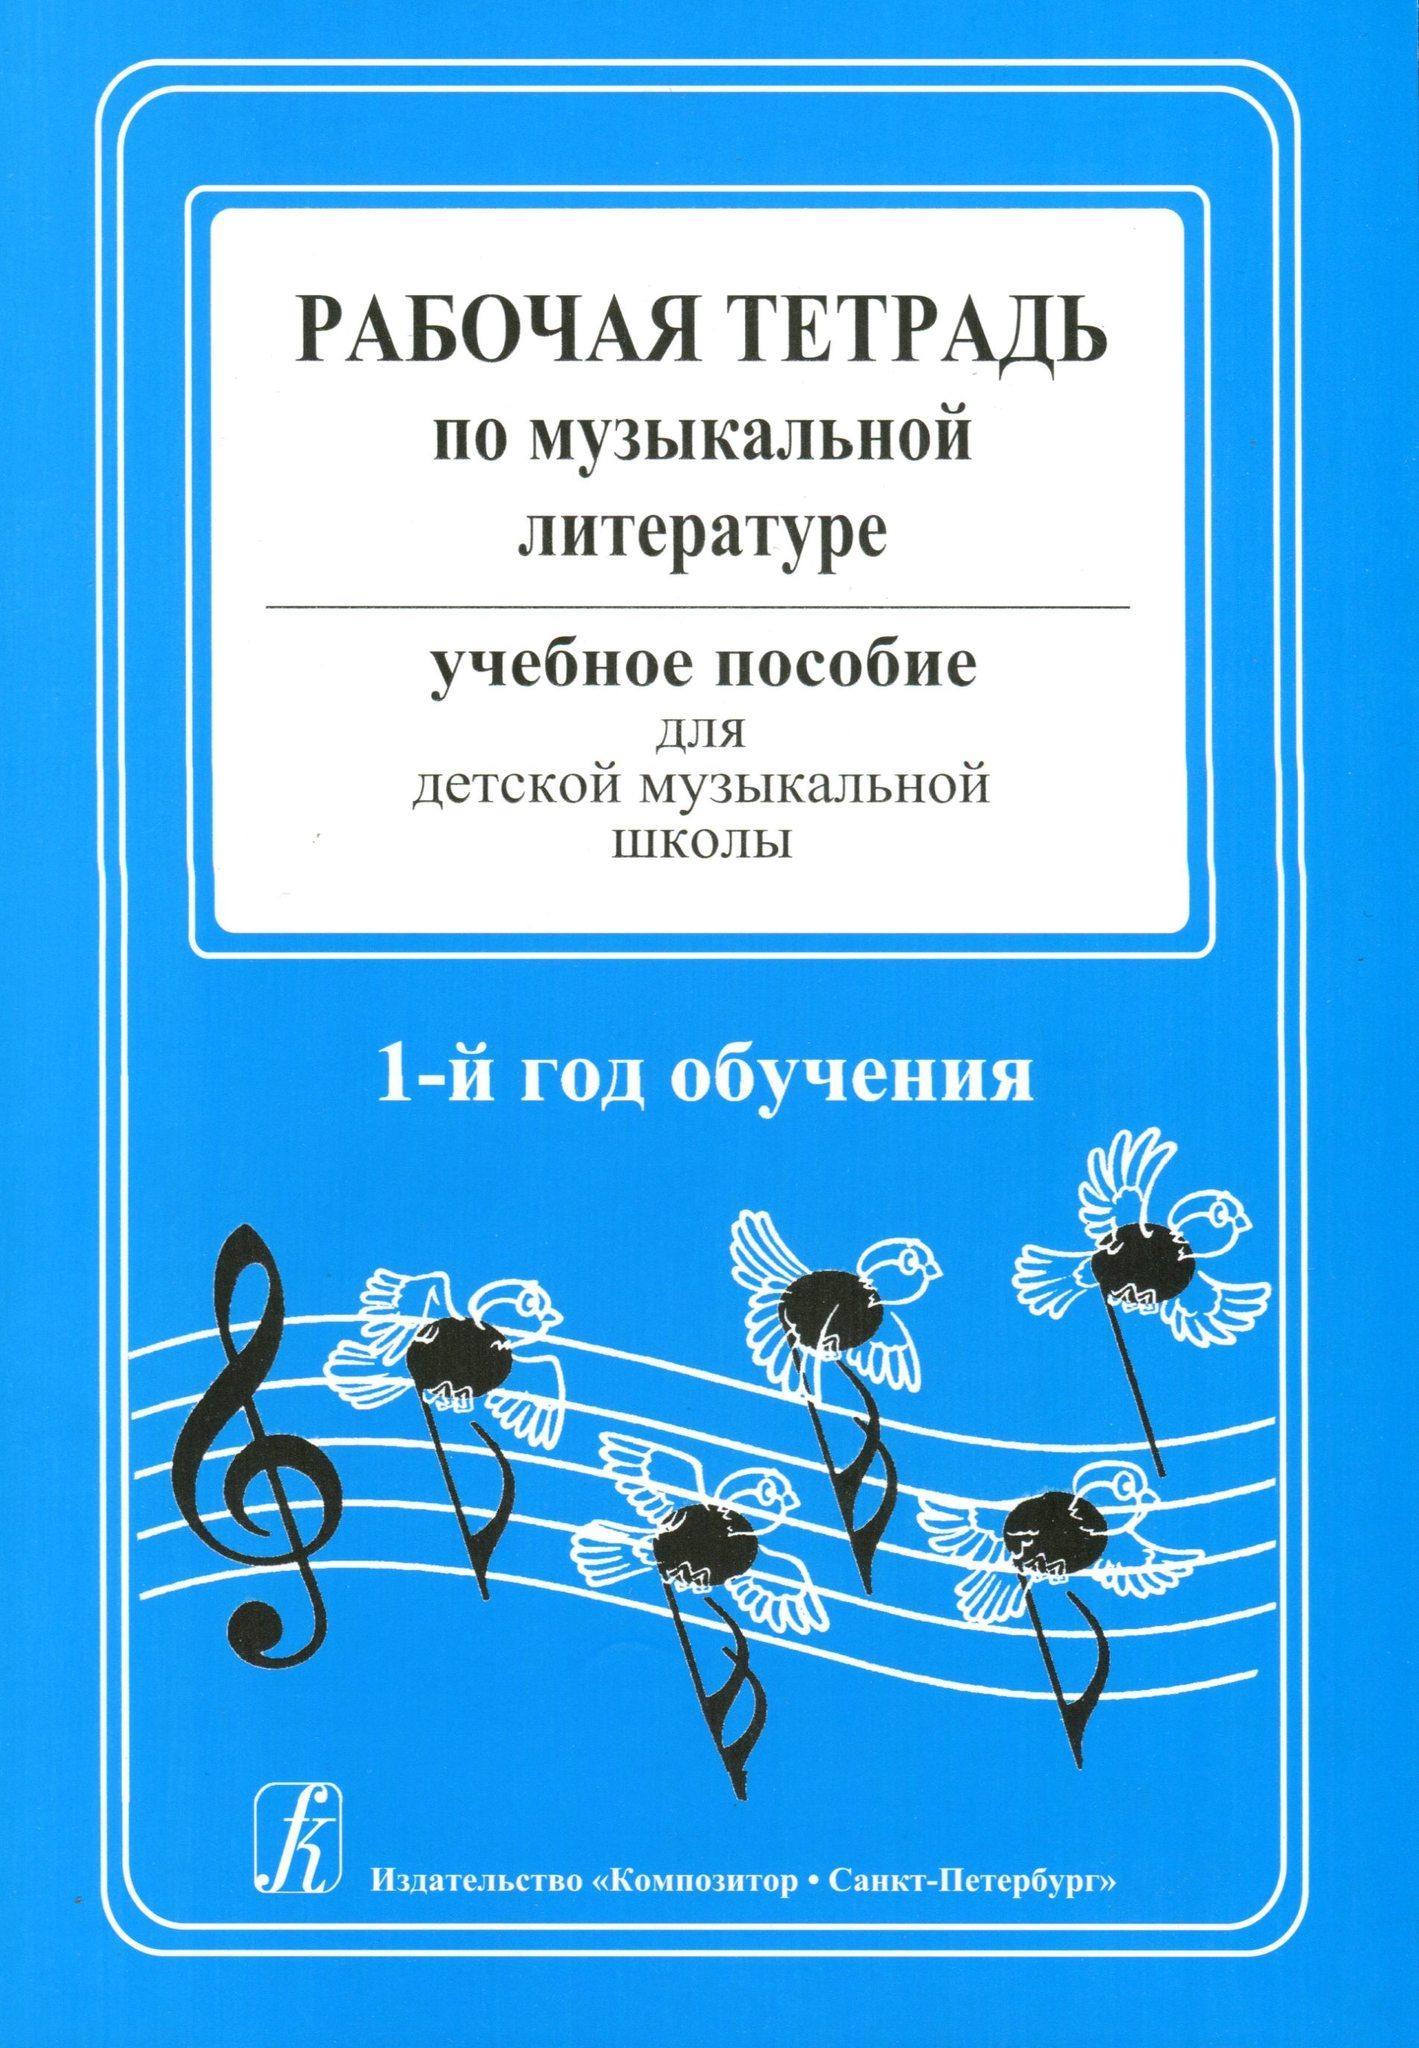 Гдз по музыкальной литературе 5 класс панова